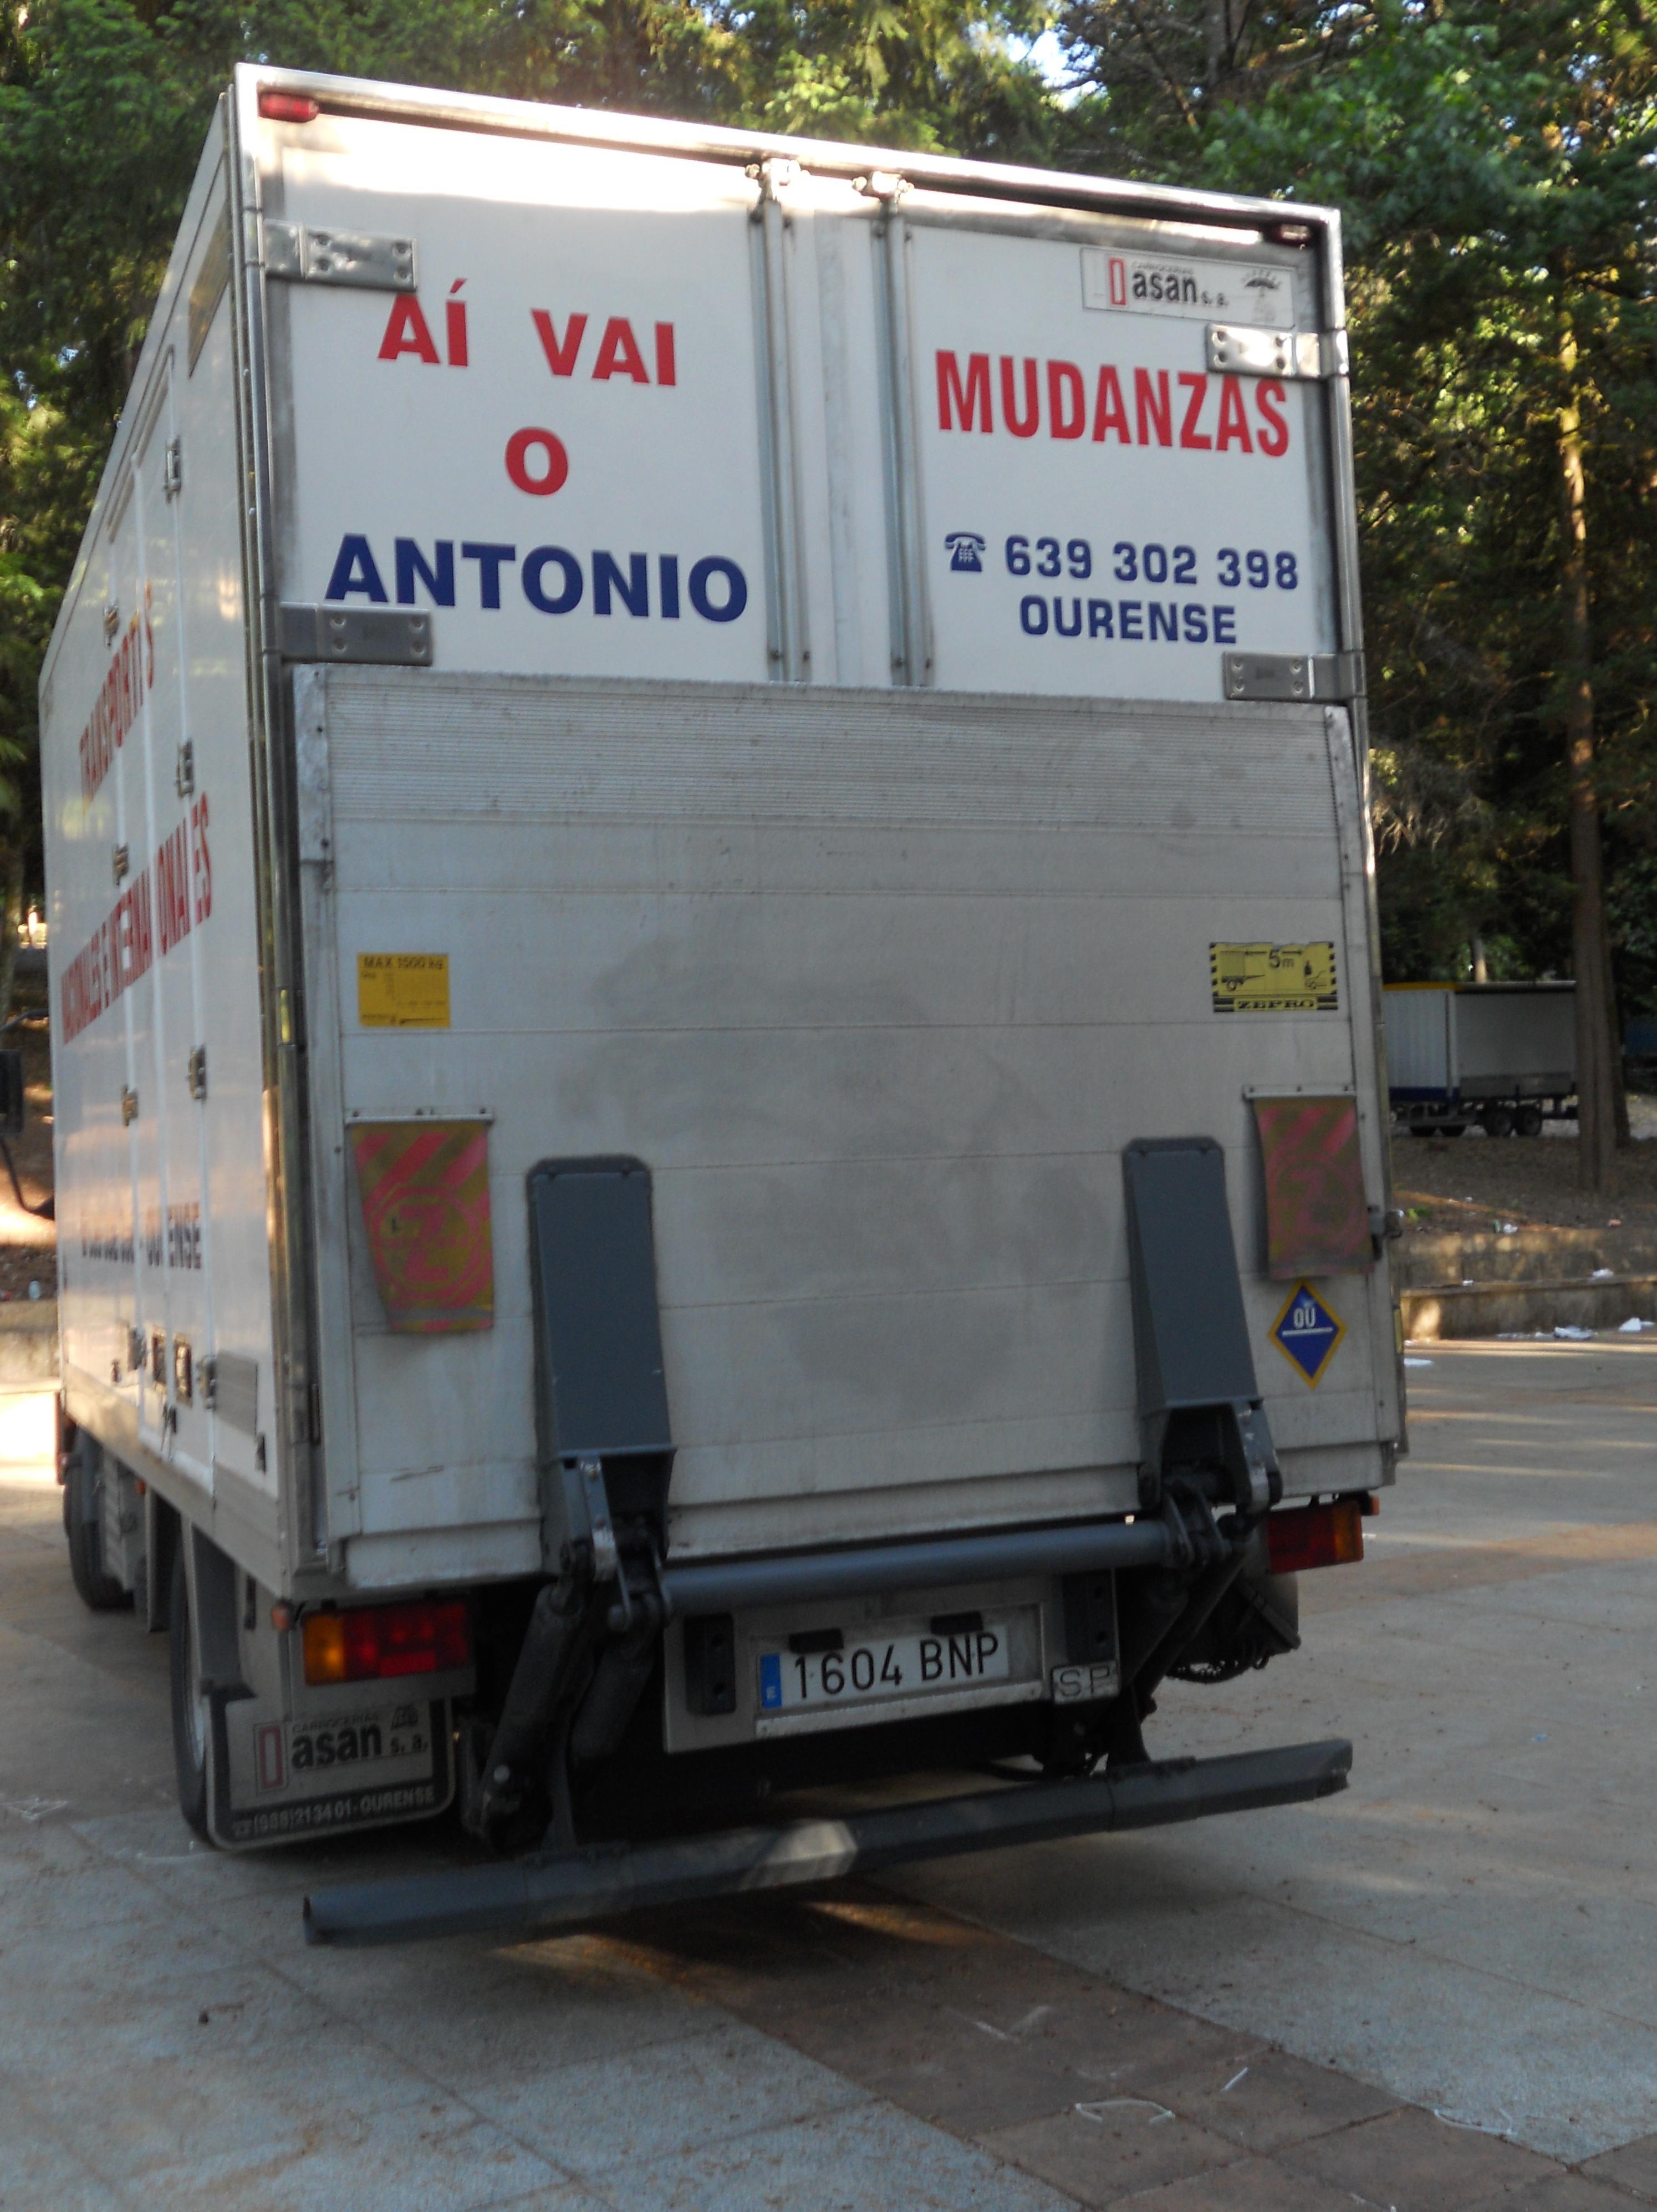 Foto 5 de Mudanzas y guardamuebles en Ourense | Transportes y Mudanzas Antonio